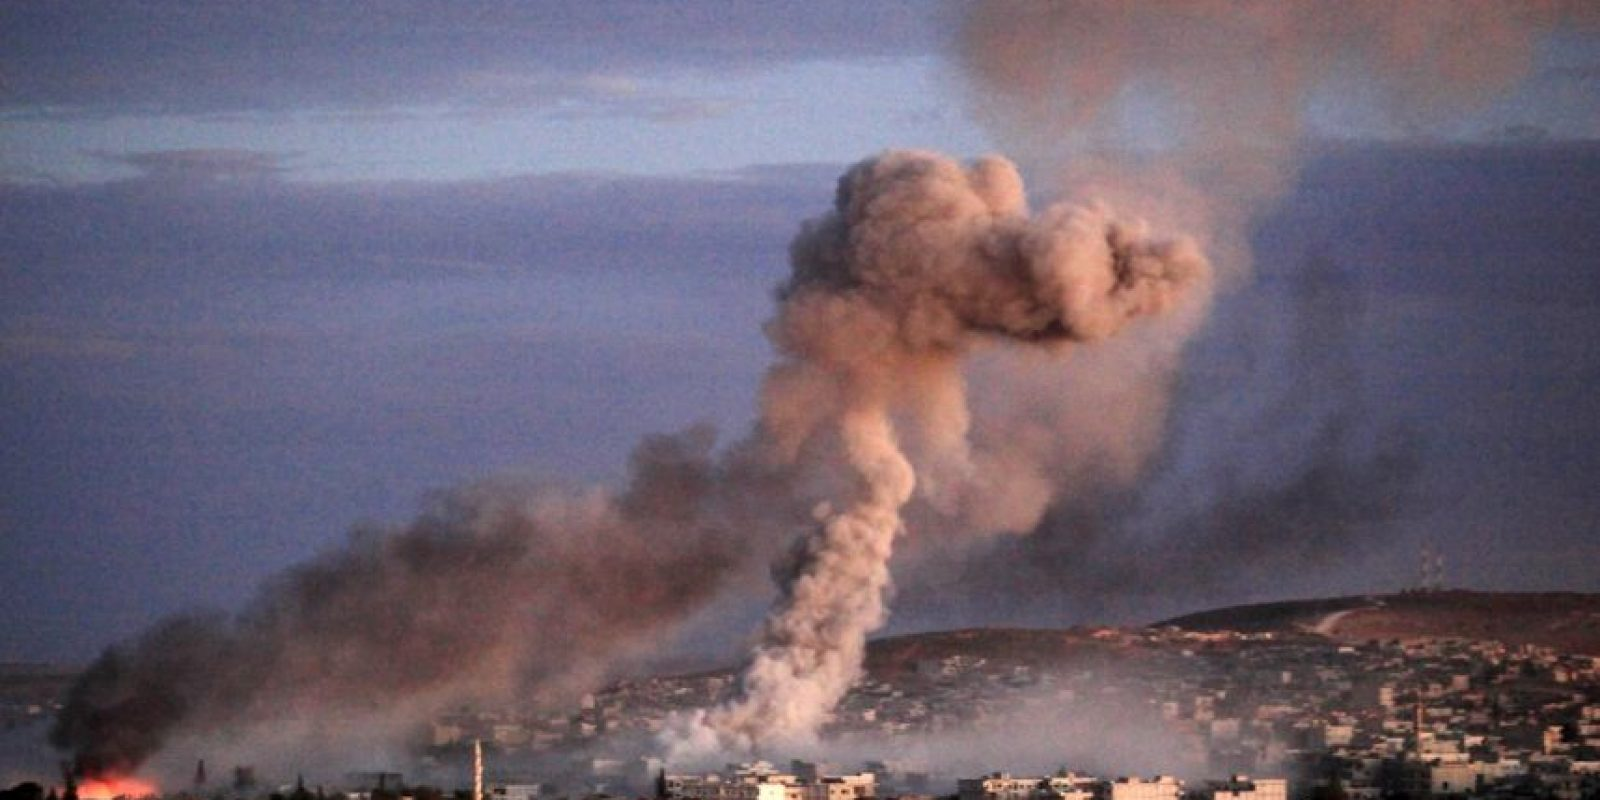 Estados Unidos admitió a la coalición internacional que pretende destruir al grupo yihadista Estado Islámico que los bombardeos no han sido suficientes. Foto:Getty